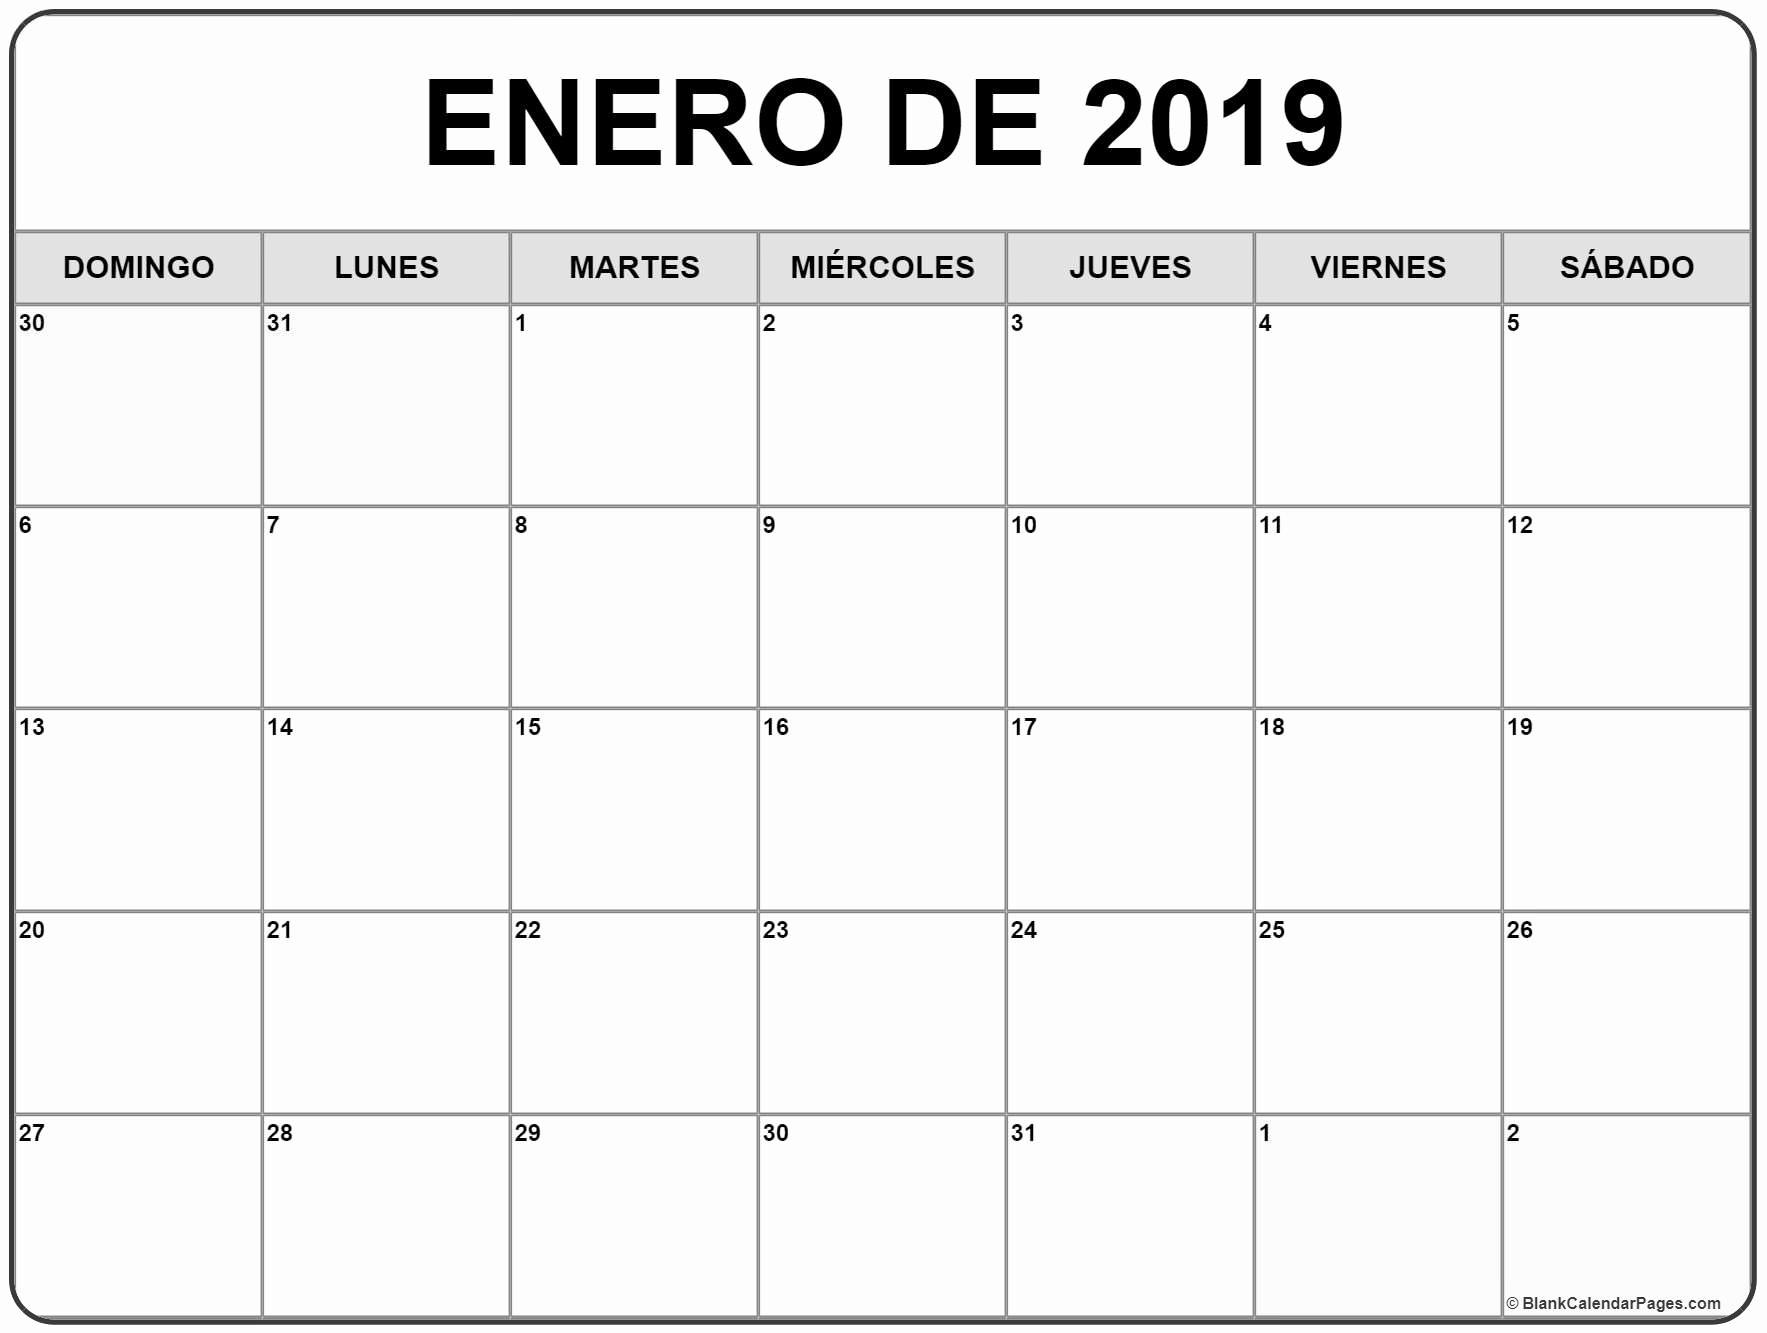 Calendario 2019 Argentina Vacaciones De Invierno Más Recientes Calendario Dr 2019 Calendario 2019 Of Calendario 2019 Argentina Vacaciones De Invierno Más Reciente Babylon Beach Ibiza Santa Eulalia